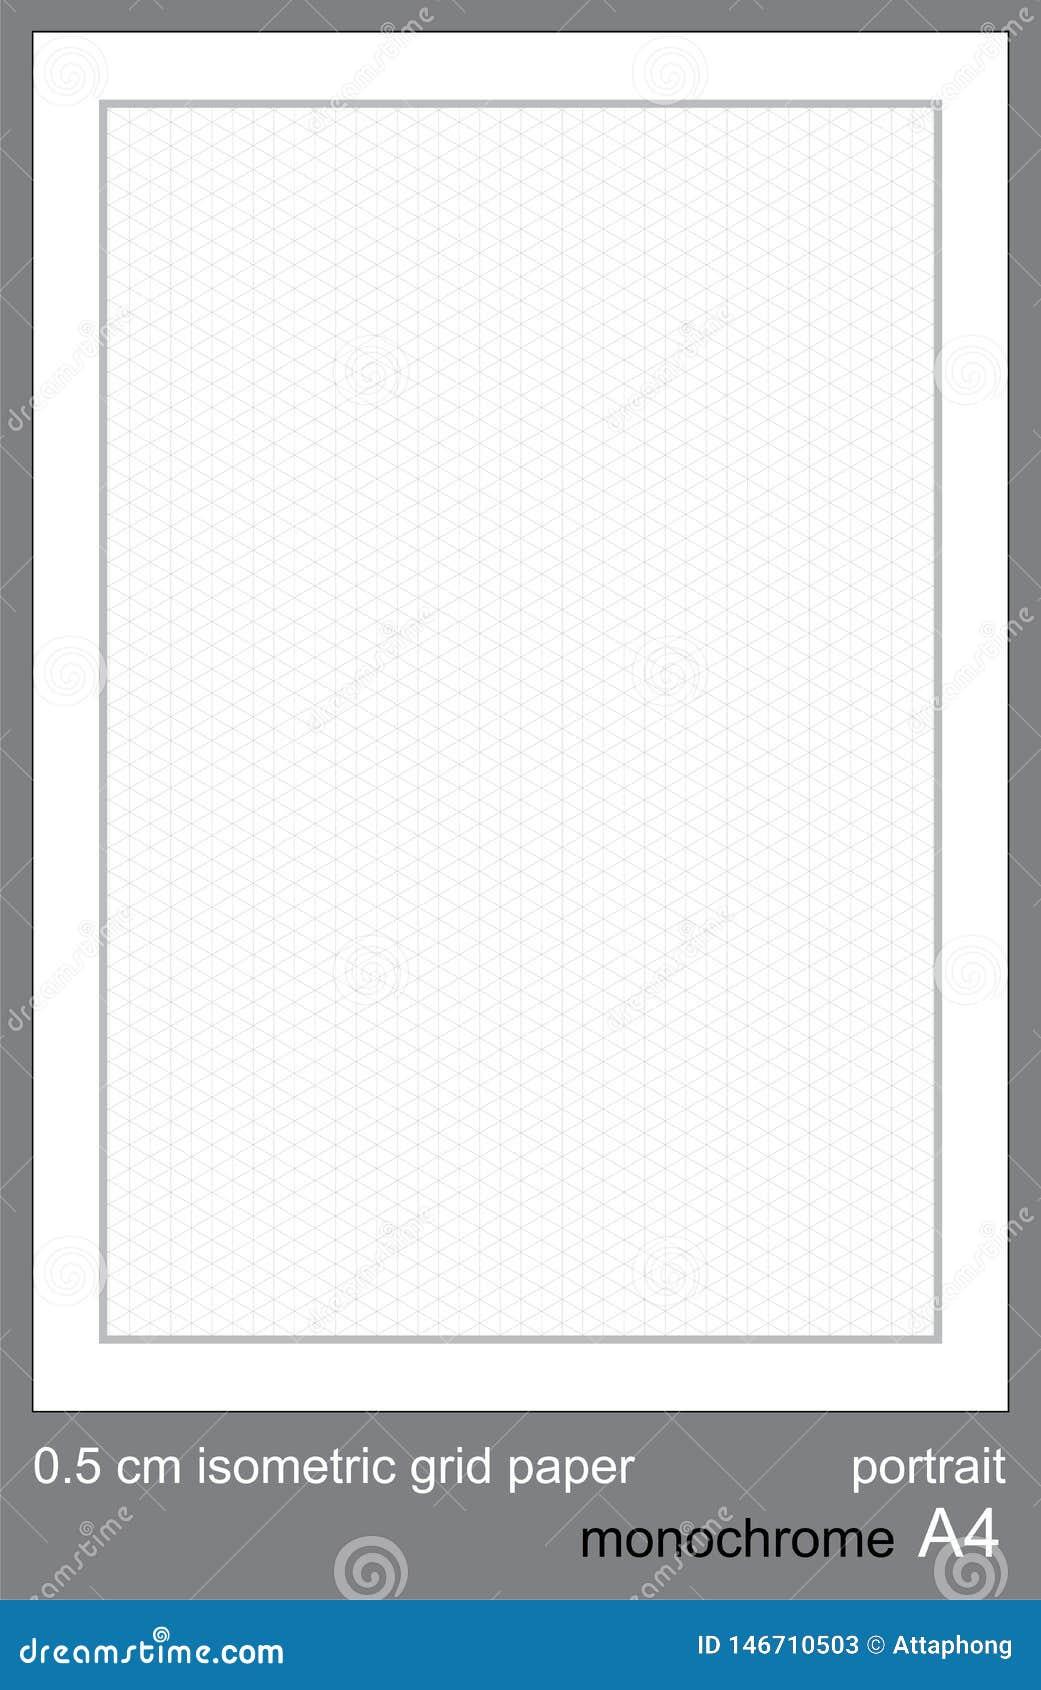 5 grafico isometrico di griglia di griglia di cm A4 di vettore isometrico di carta isometrico di griglia